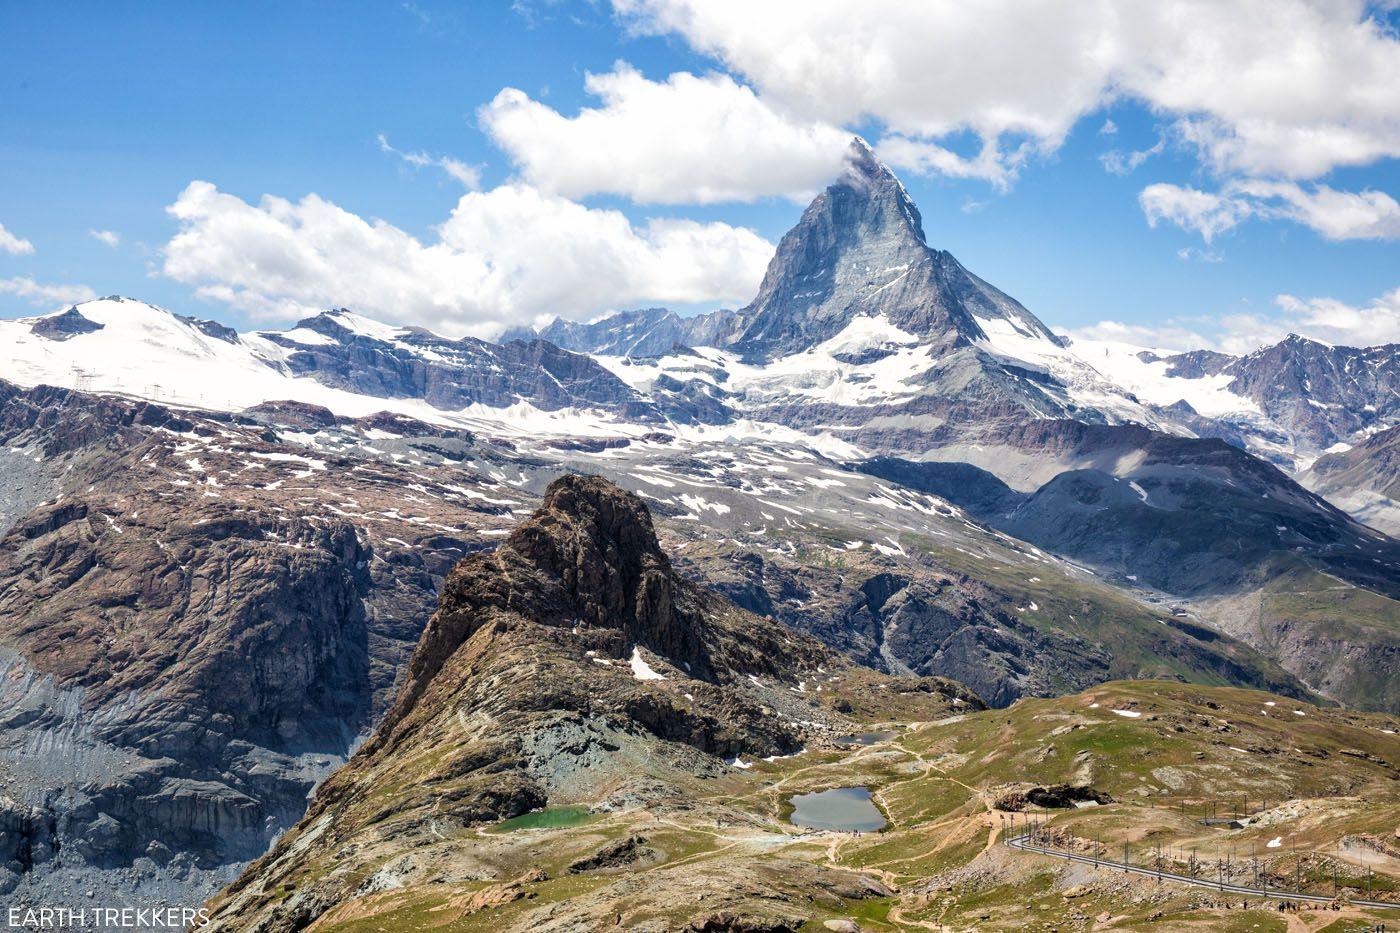 Best View of the Matterhorn